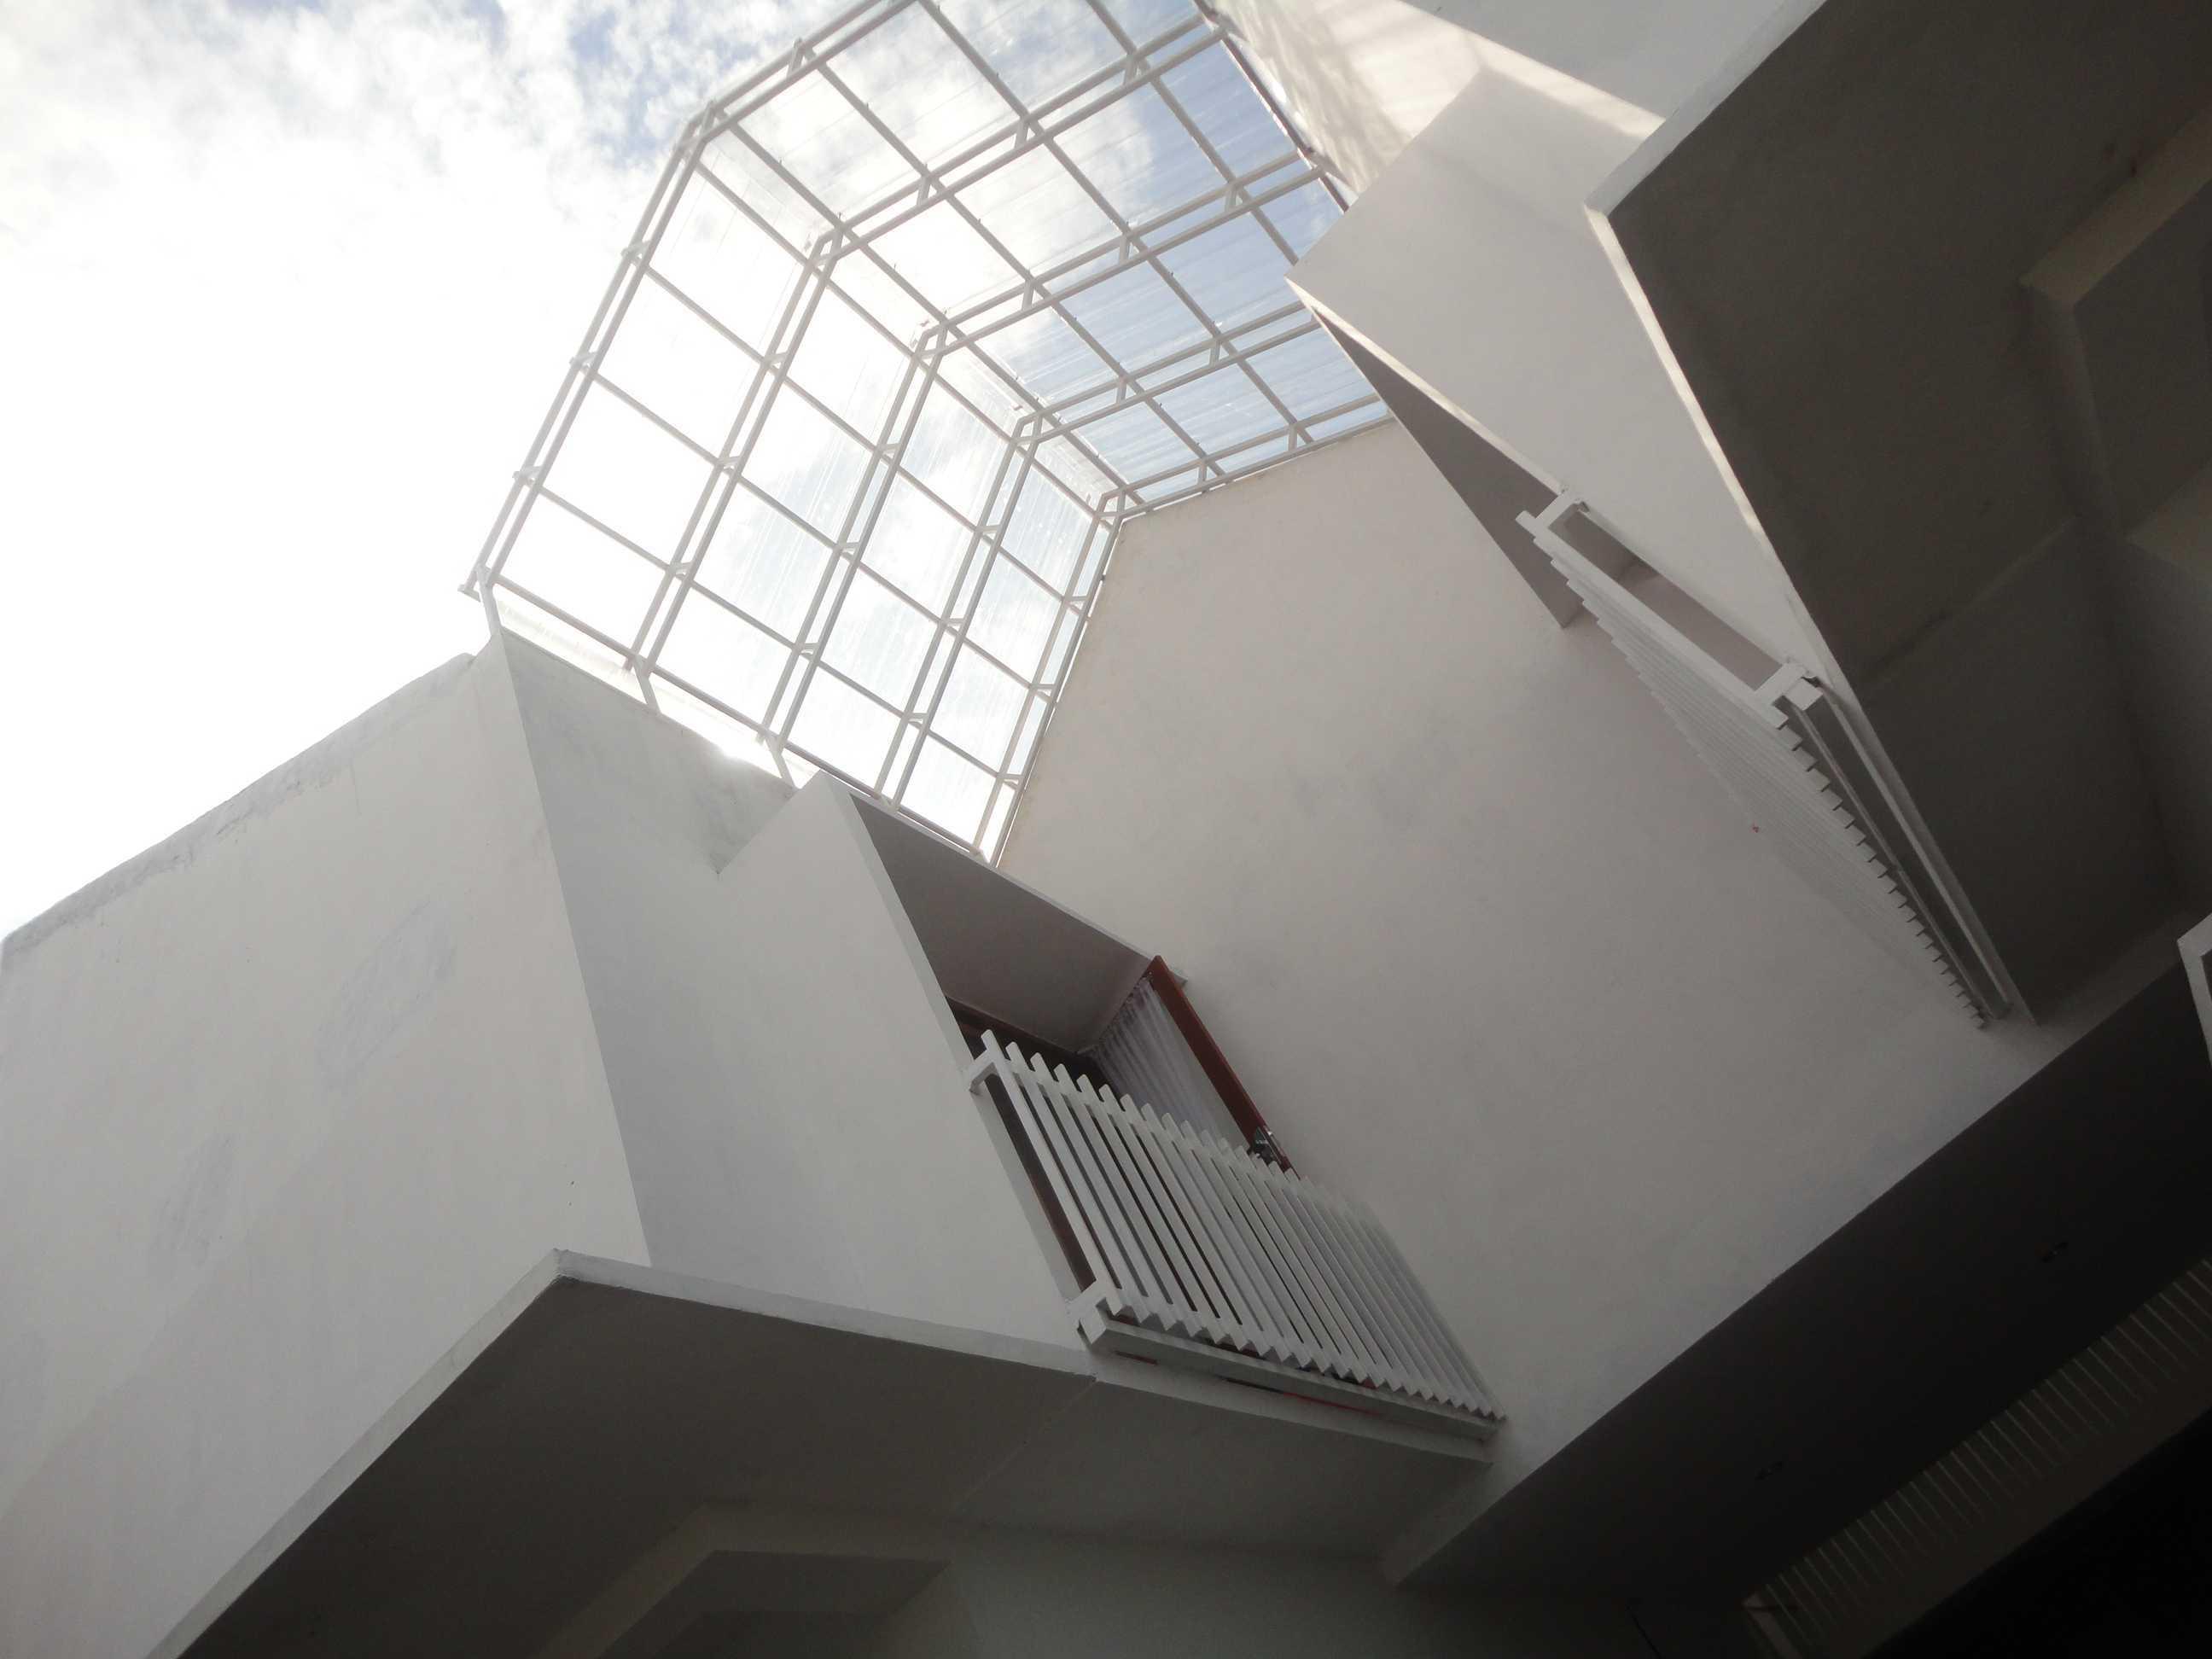 Studioindoneosia Rumah Gandeng Bantul Regency, Special Region Of Yogyakarta, Indonesia Jalan Janti Raya, Gg Jomblang-Jalan Sengon, Bantul, Yogyakarta Exterior   19318